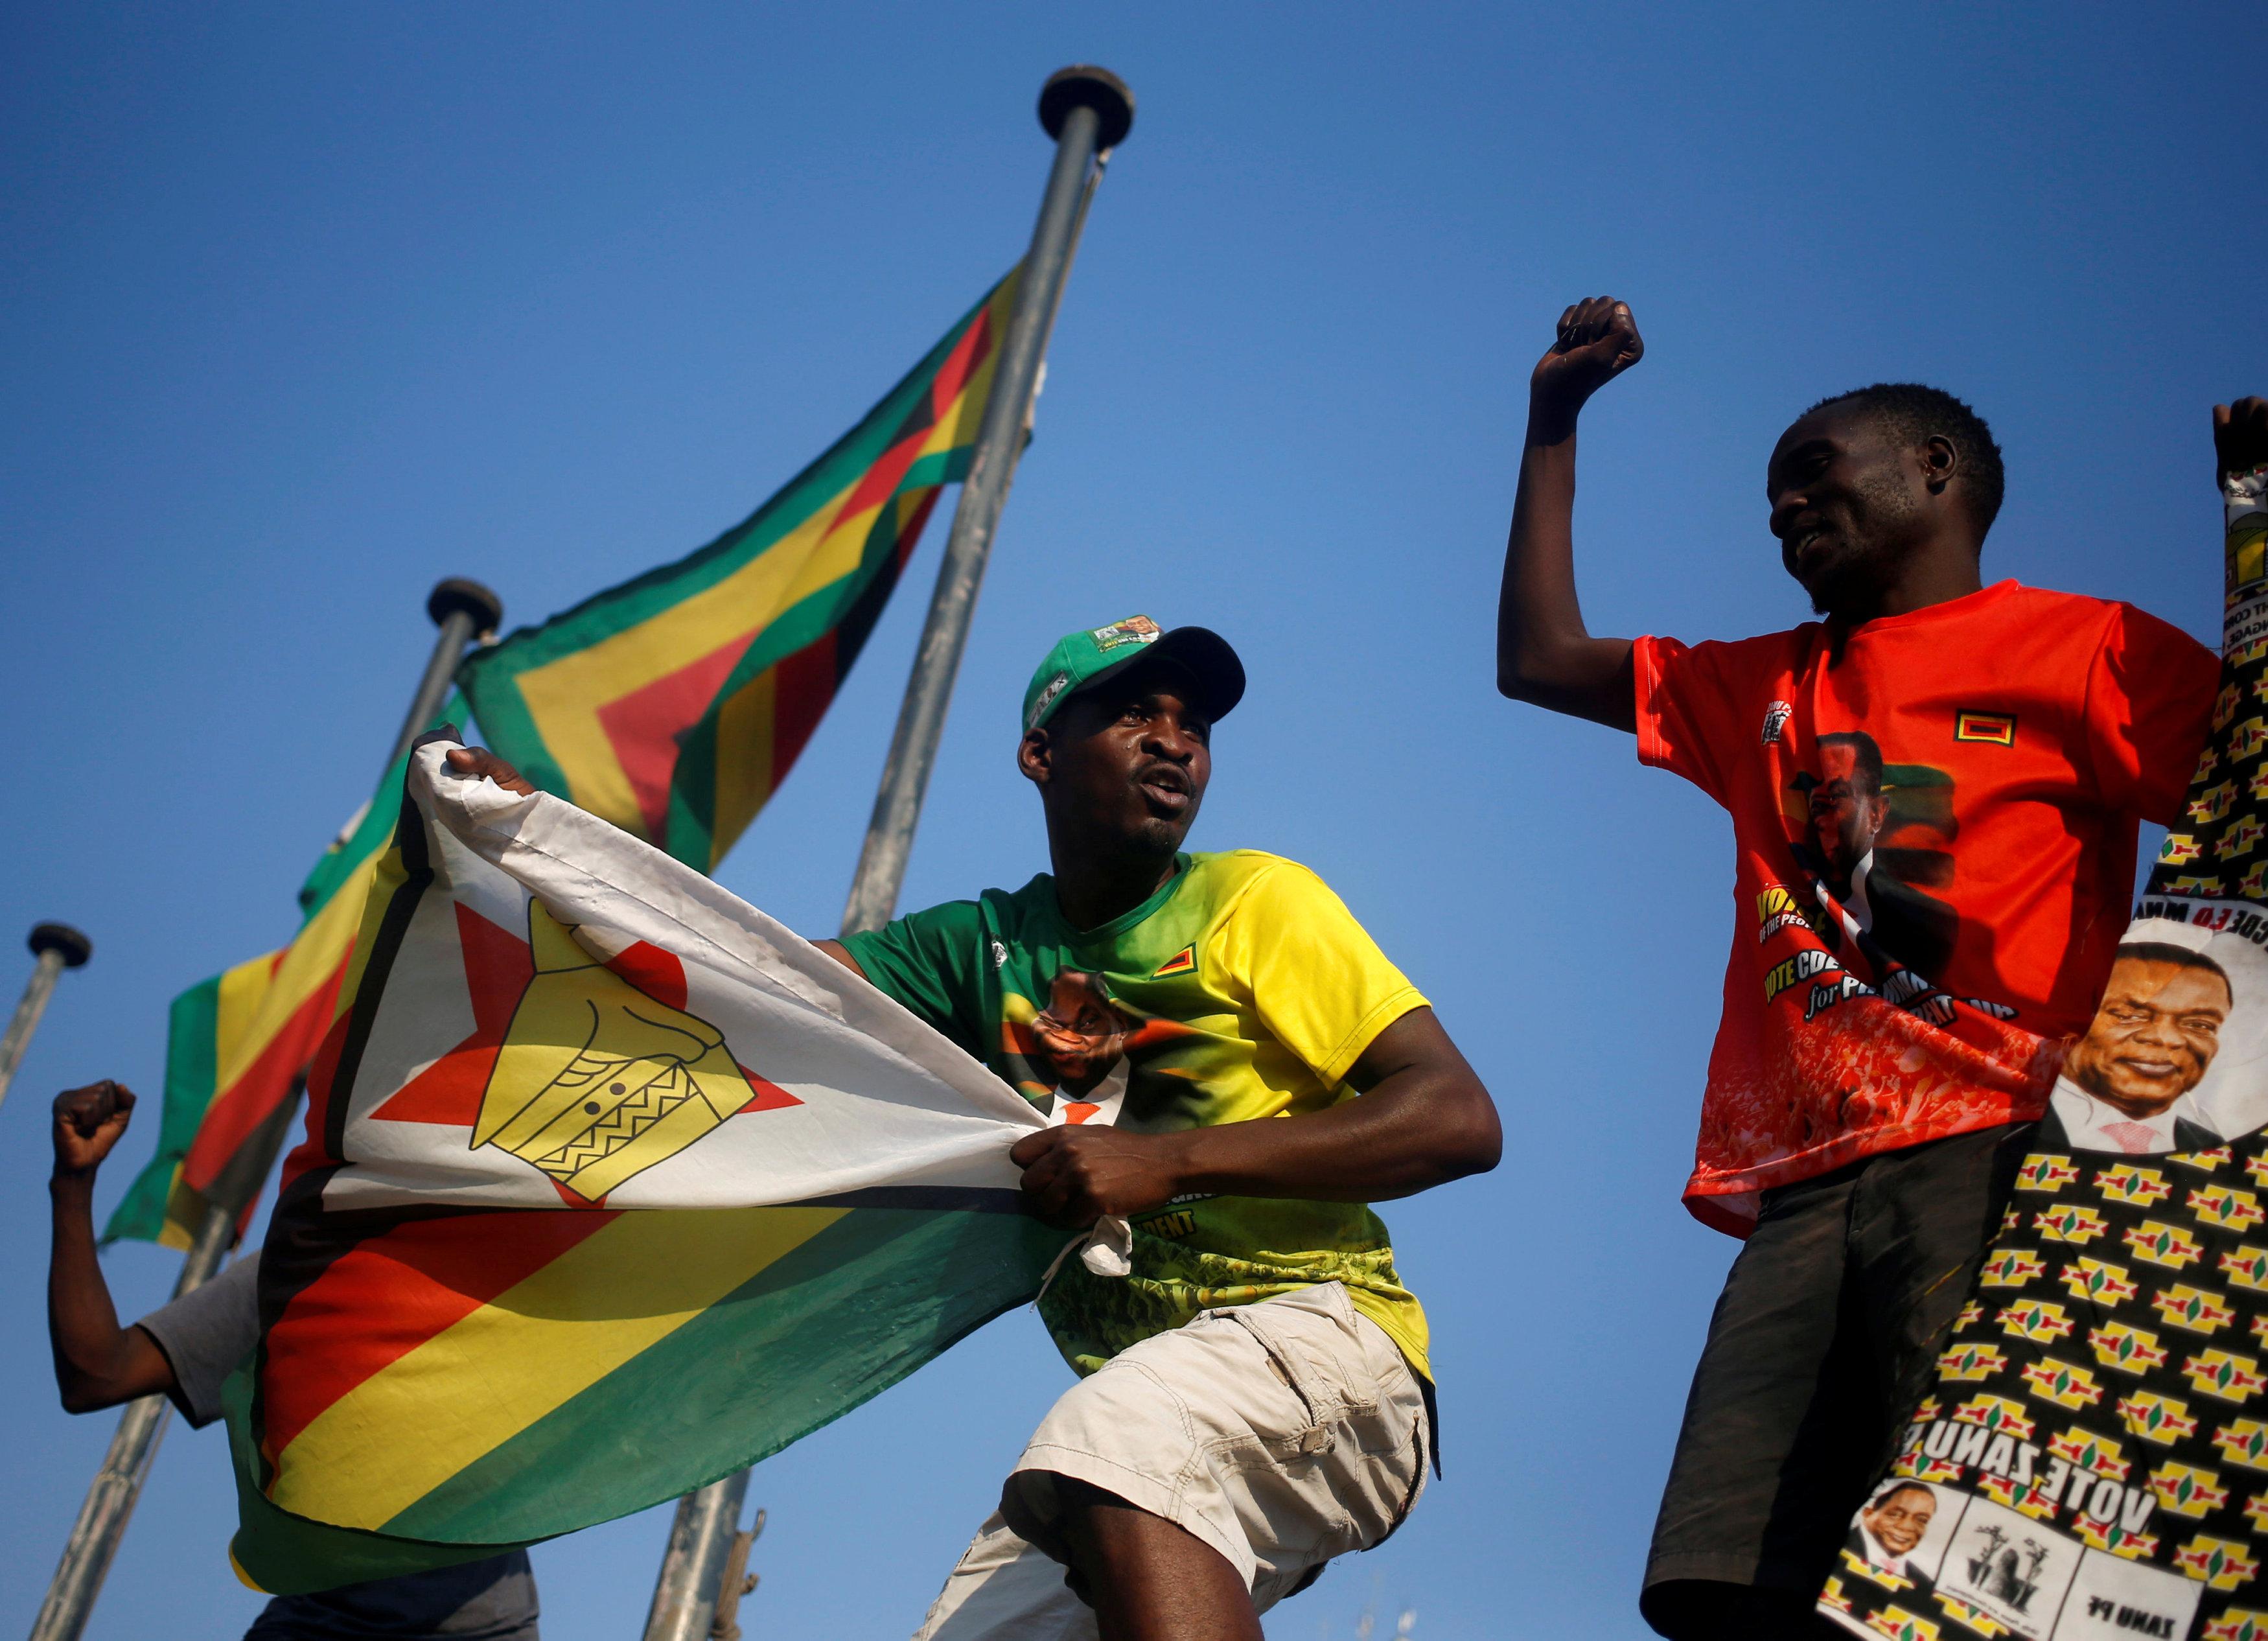 جانب من الاحتفالات فى زيمبابوى